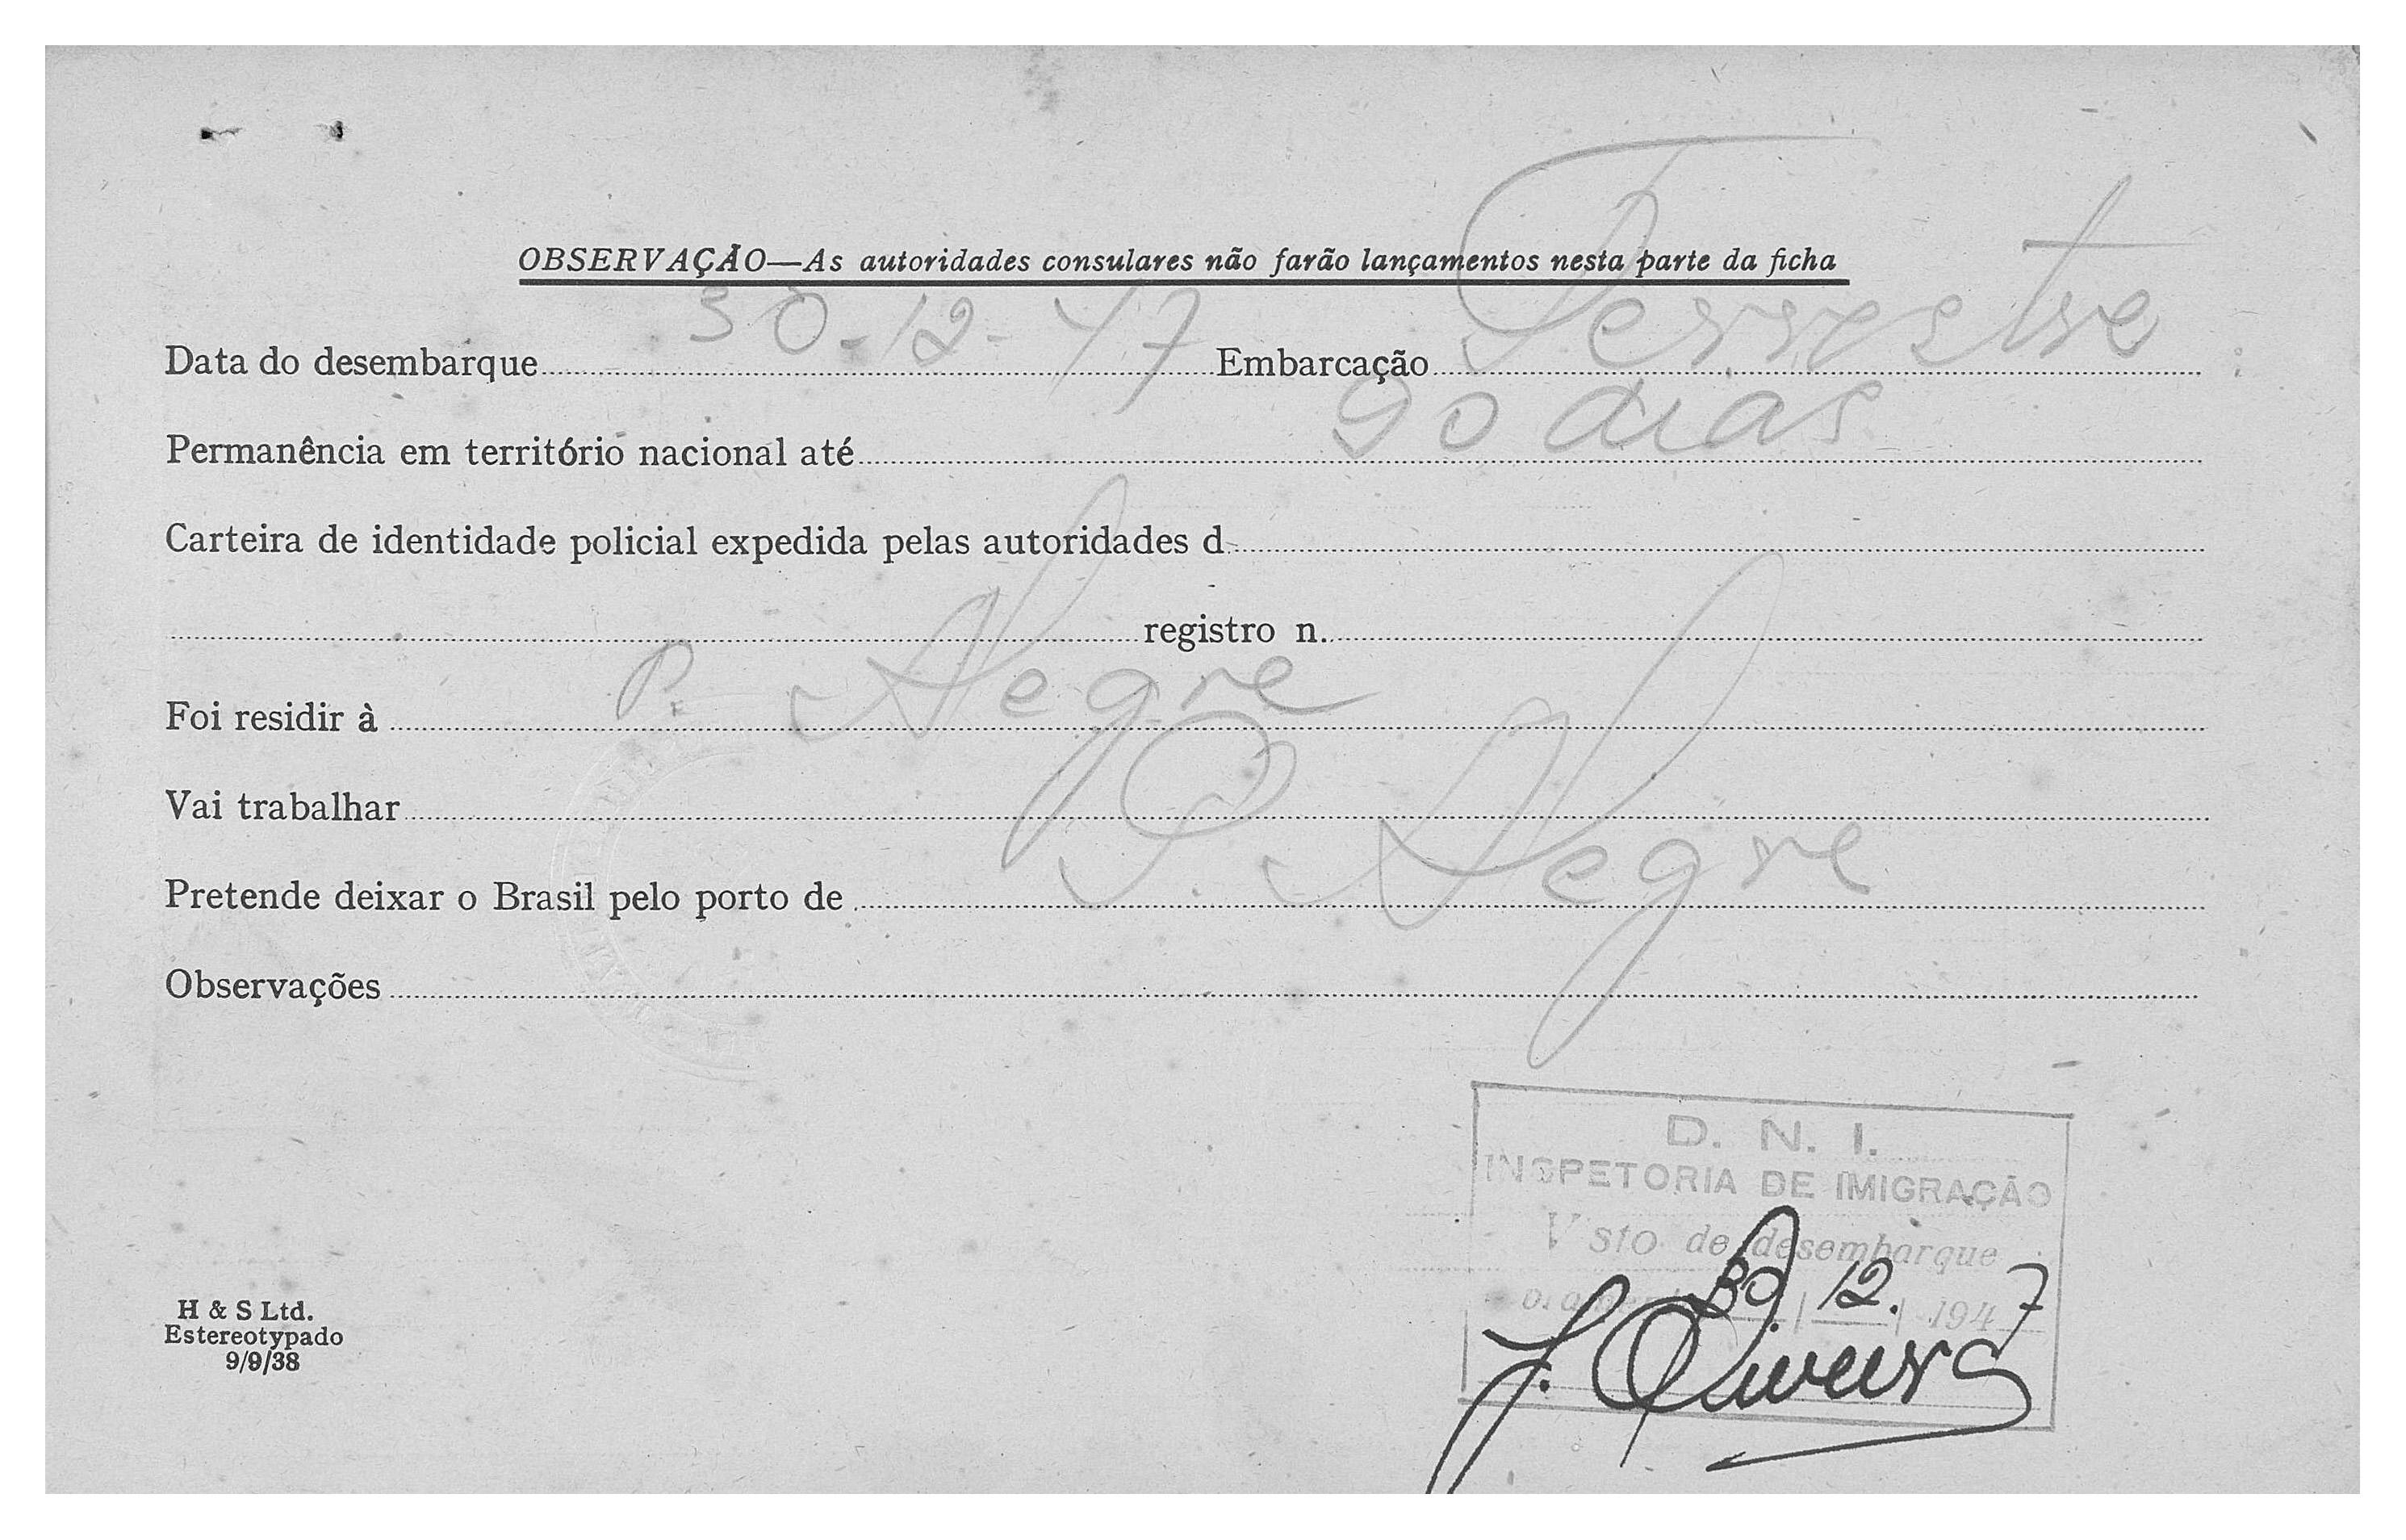 Américo-Orlando-Gallo-Irmão-de-Sixto-Argentino-Gallo-1947-12-ficha-consular-RJ-02-copy1.jpg